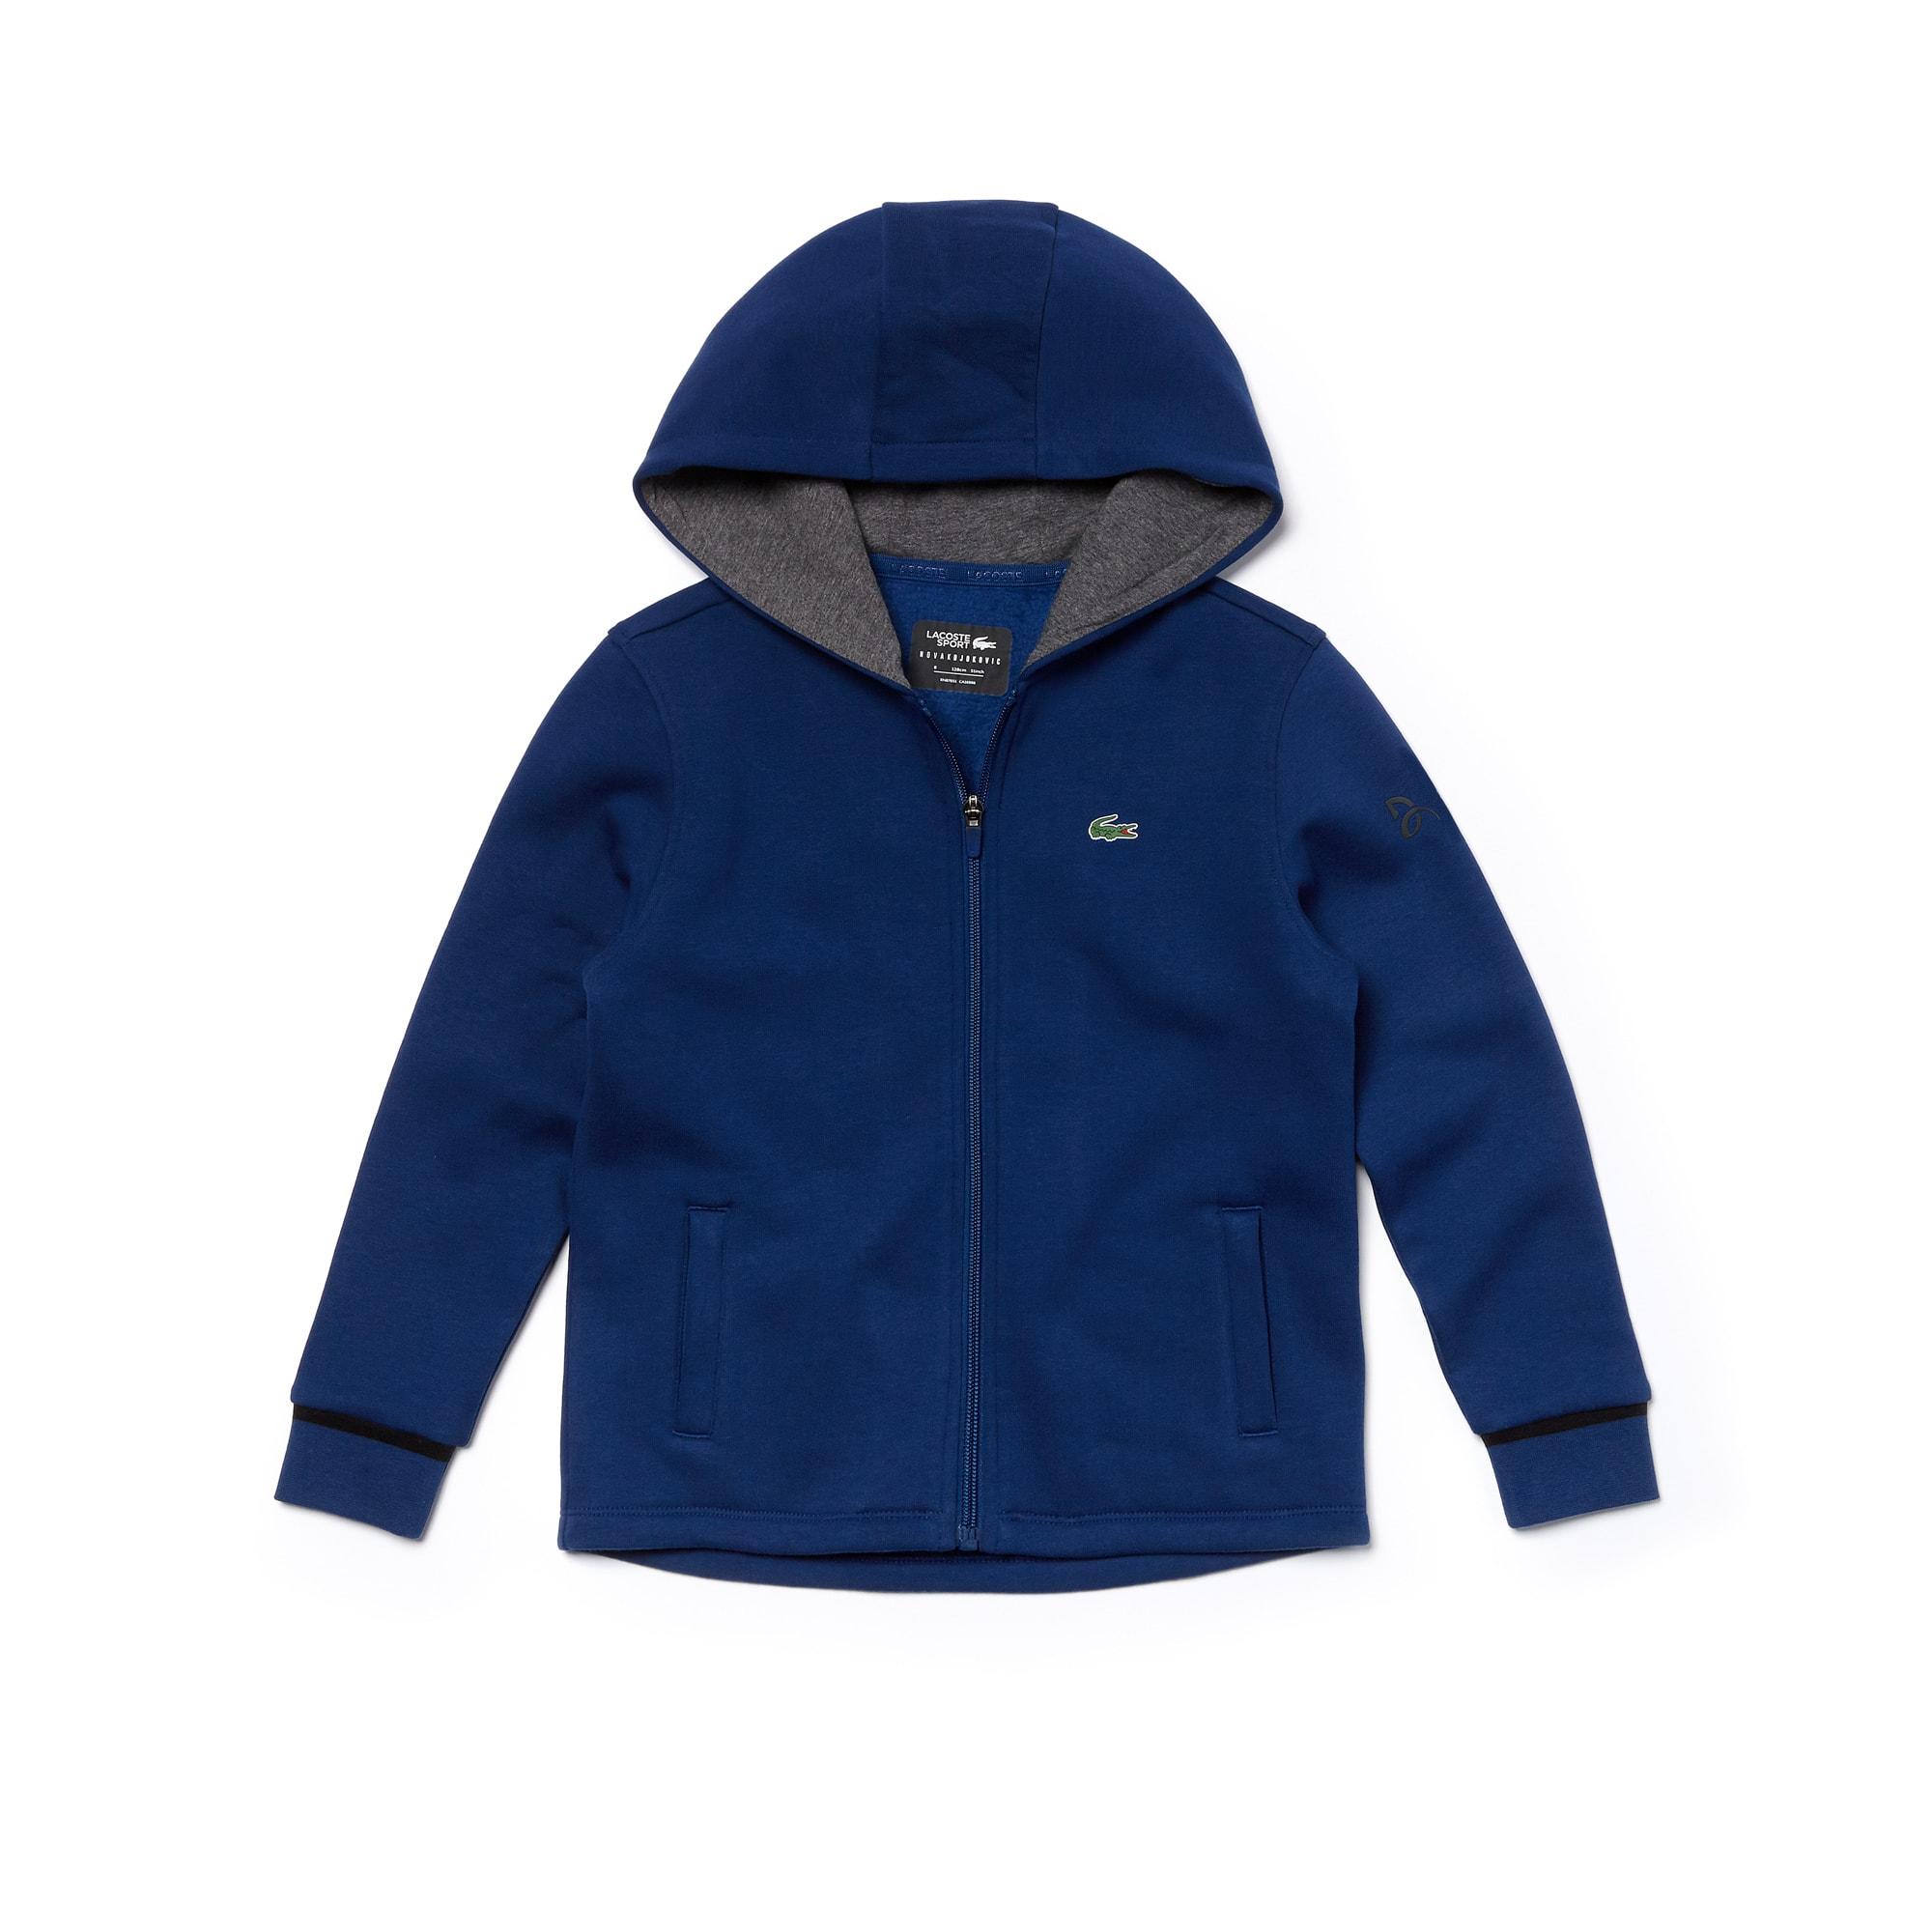 Boys' Lacoste SPORT Hooded Fleece Sweatshirt - Novak Djokovic Supporter Collection